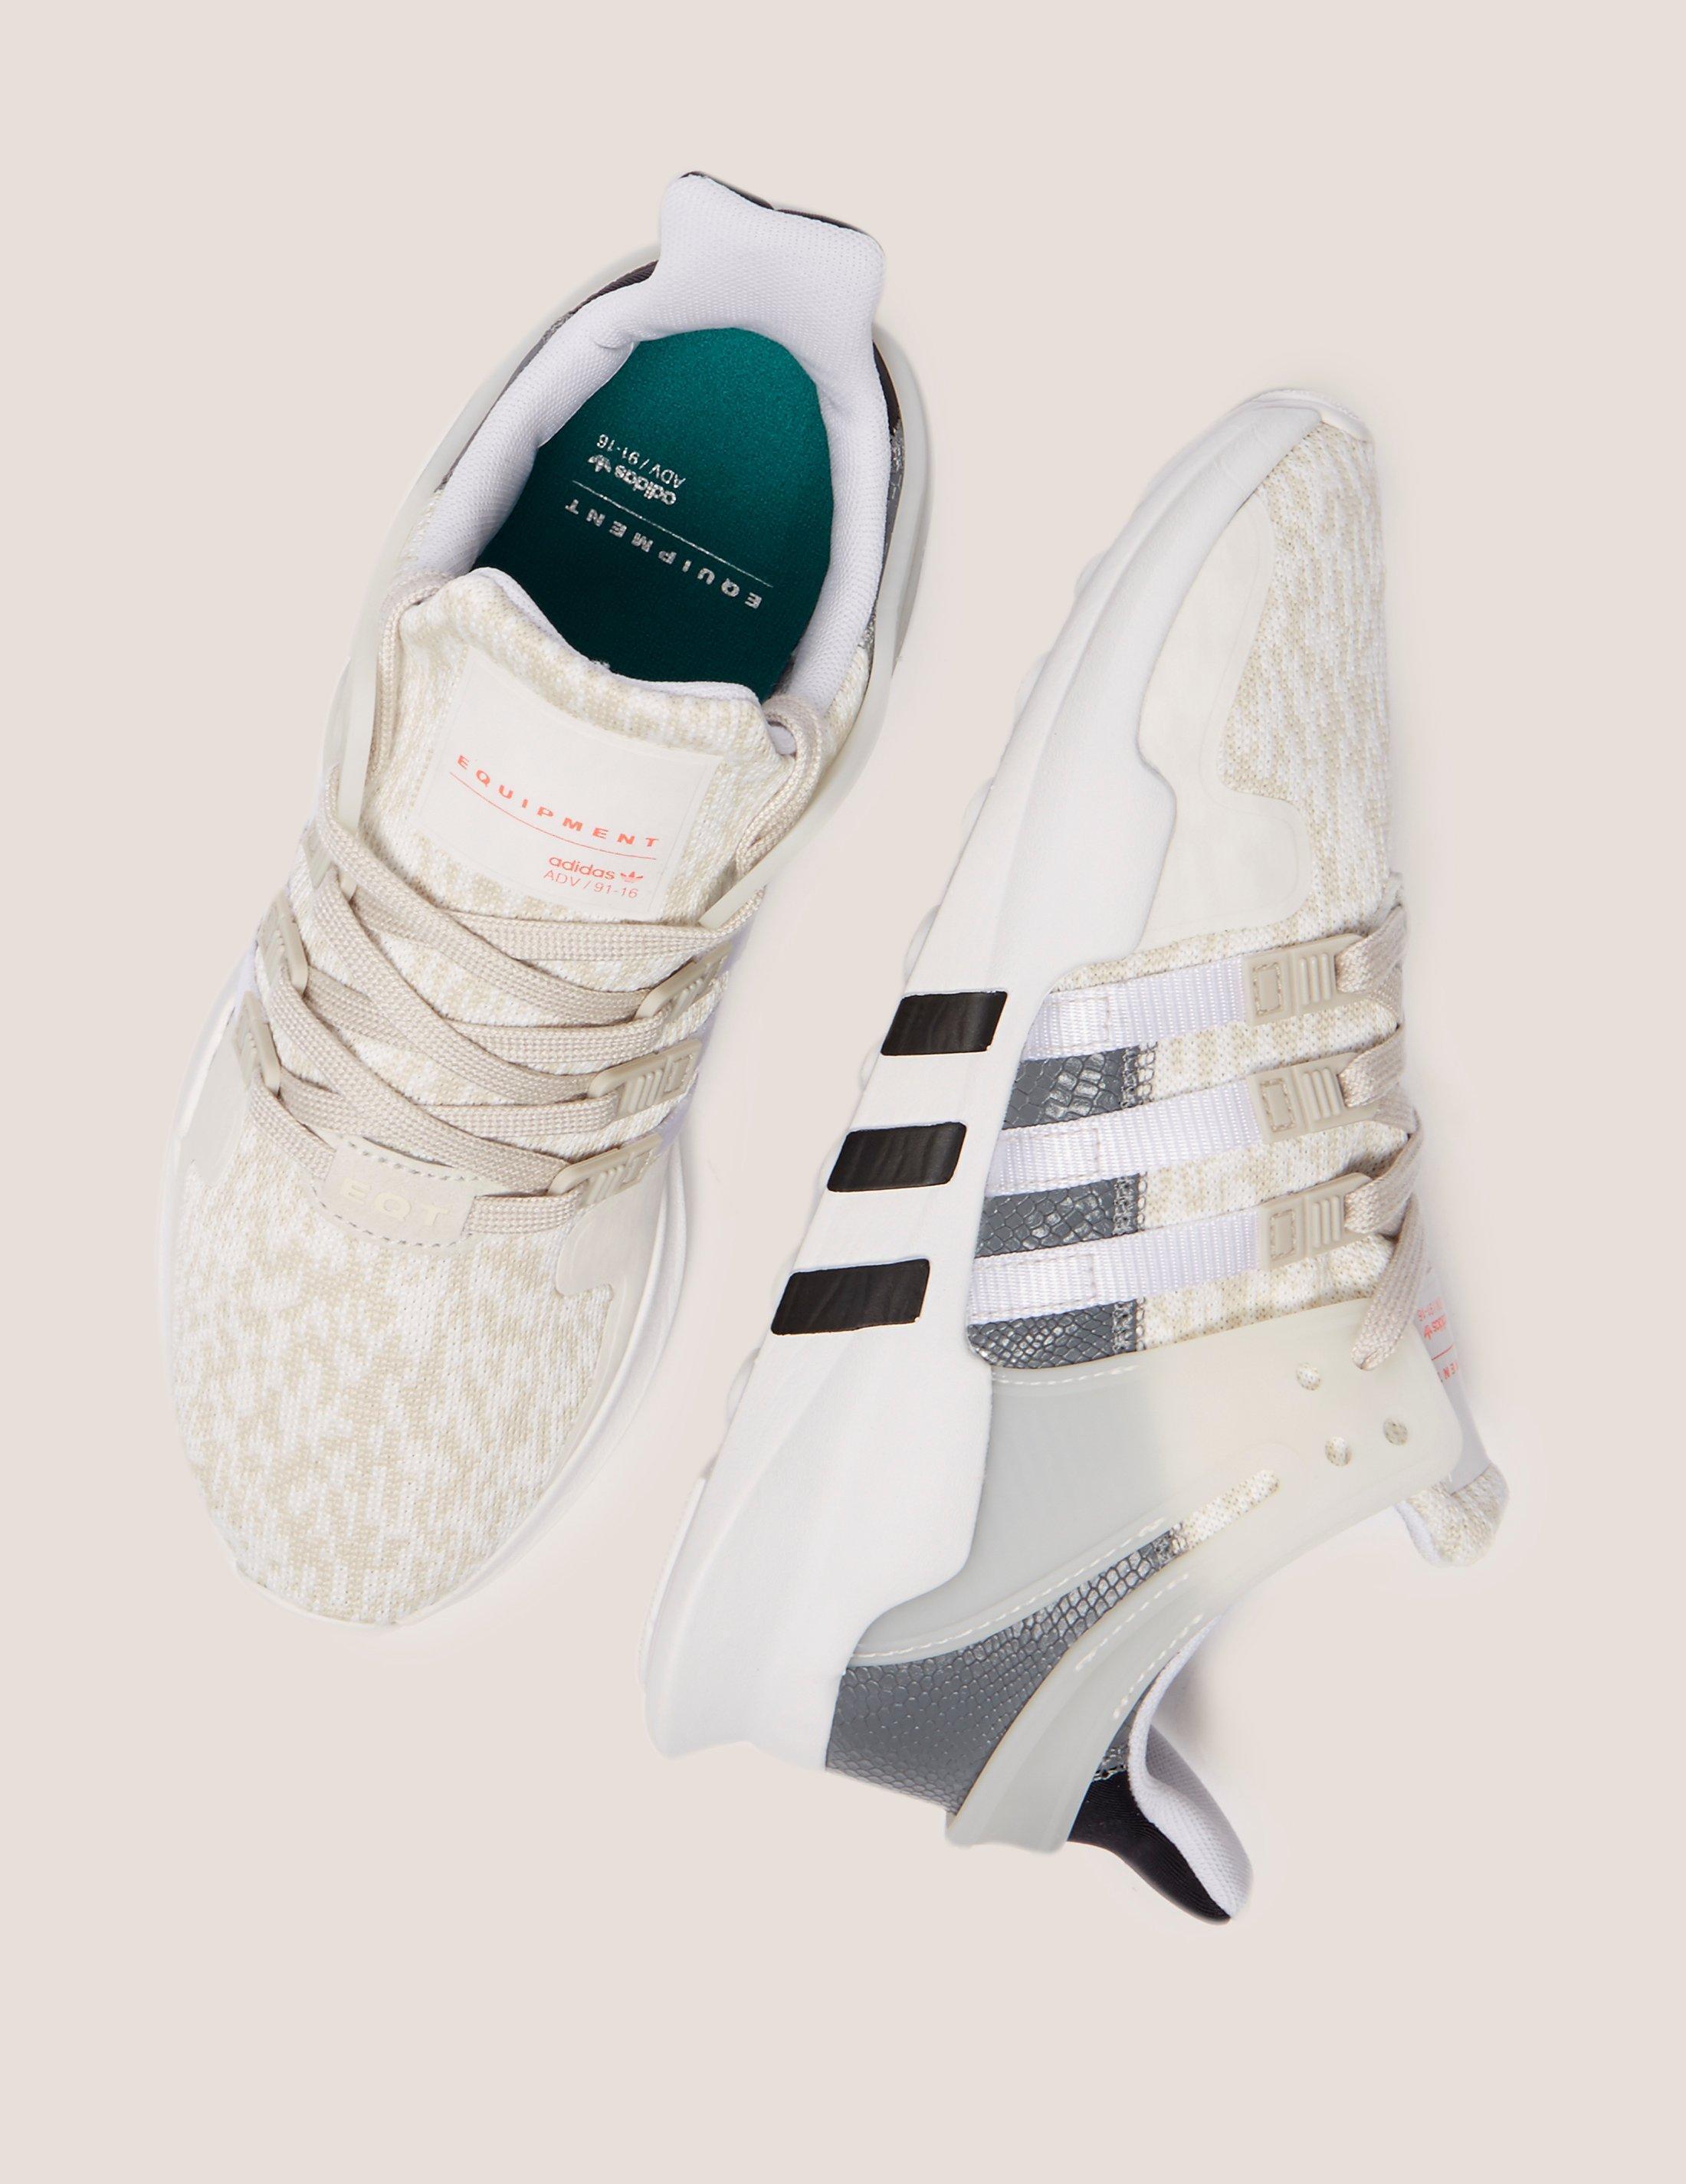 Lyst Adidas Originali Di Donne Beige Eqt Sostegno Corridore Donna Beige Donne cae1af